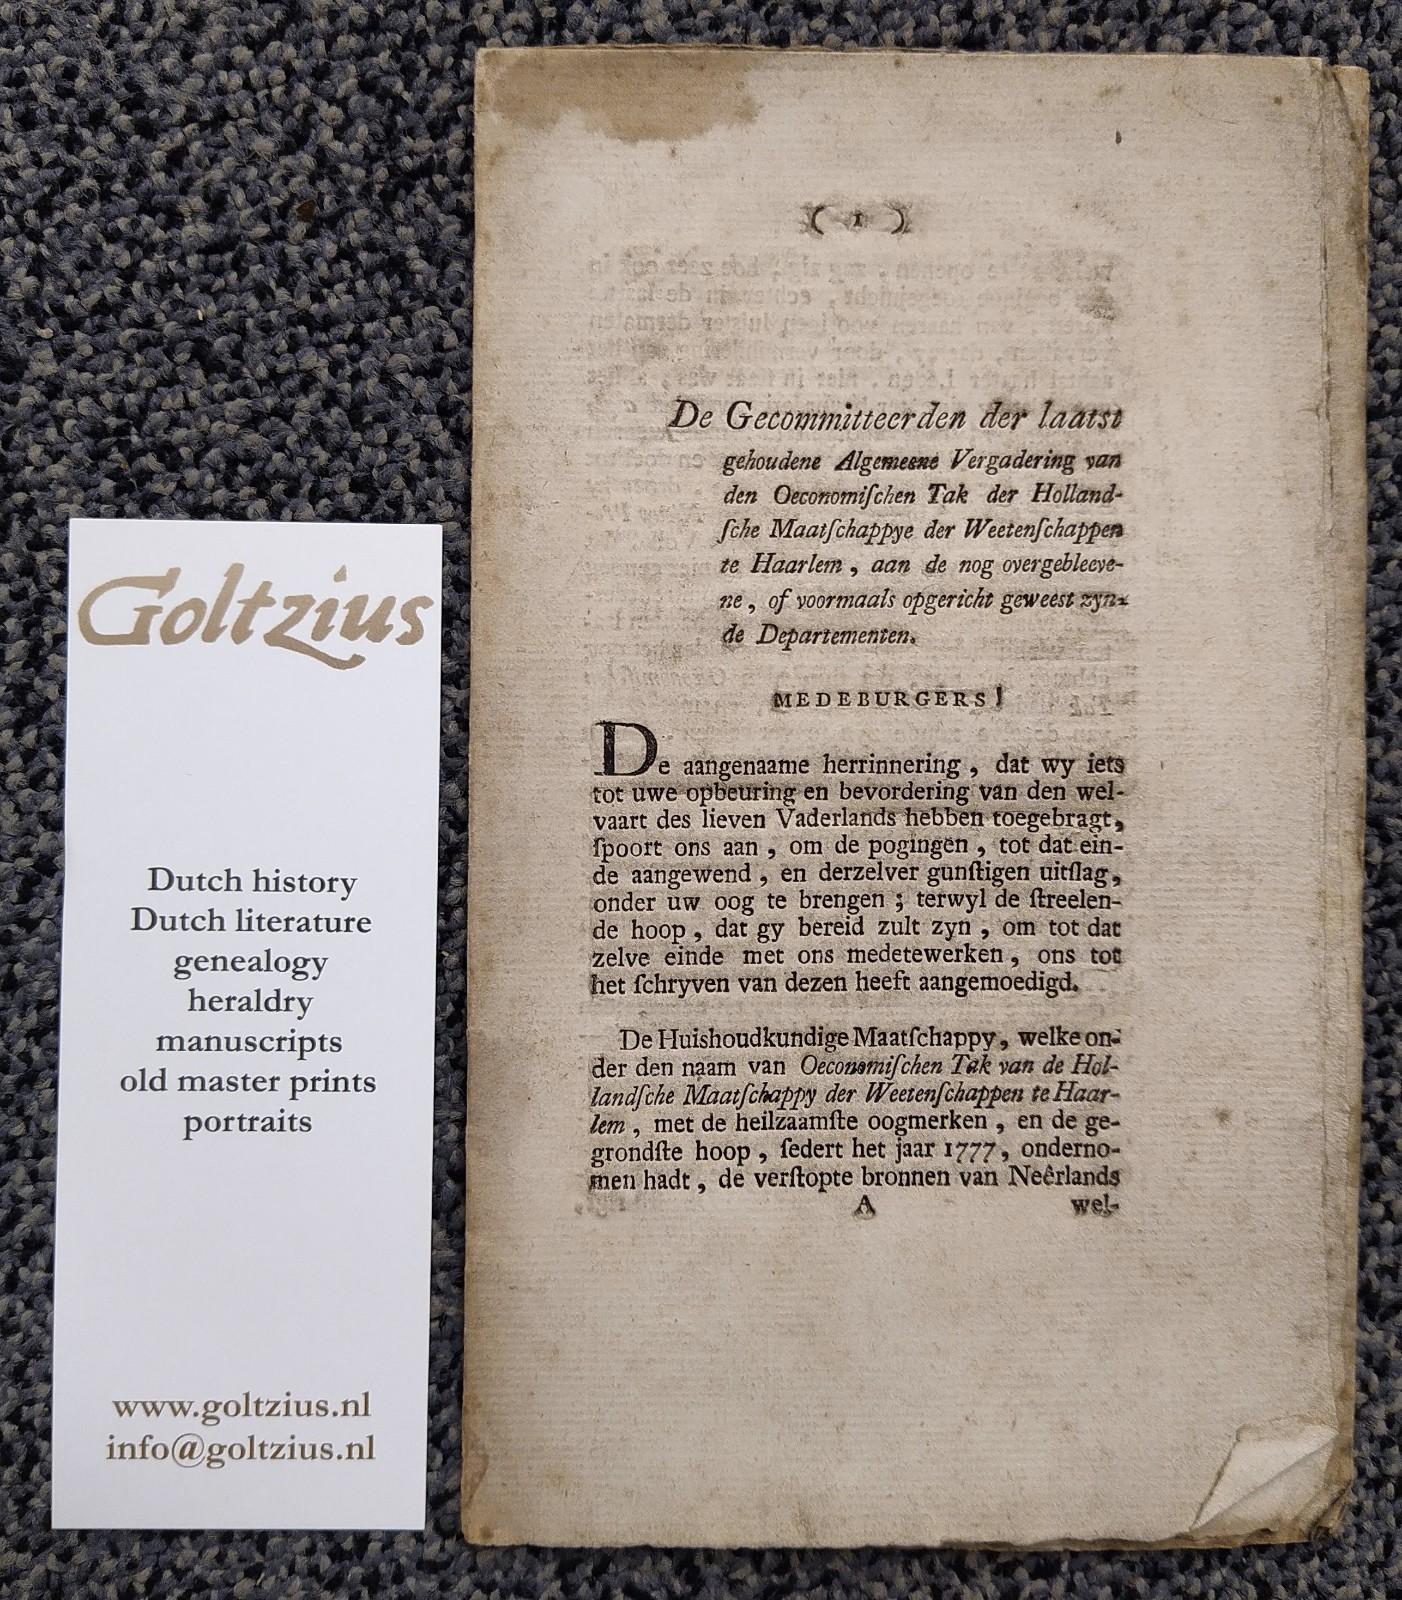 VAILLENT, C. E (AND: P.T. COUPERUS, E.M. ENGELBERTS, J.J. DESSANT), De Gecommitteerden der laatst gehouden Algemeene Vergadering van den Oeconomischen Tak der Hollandsche Maatschappye der Weetenschappen te Haarlem, aan de nog overgebleevene, of voormaals opgericht geweest zynde Departementen.